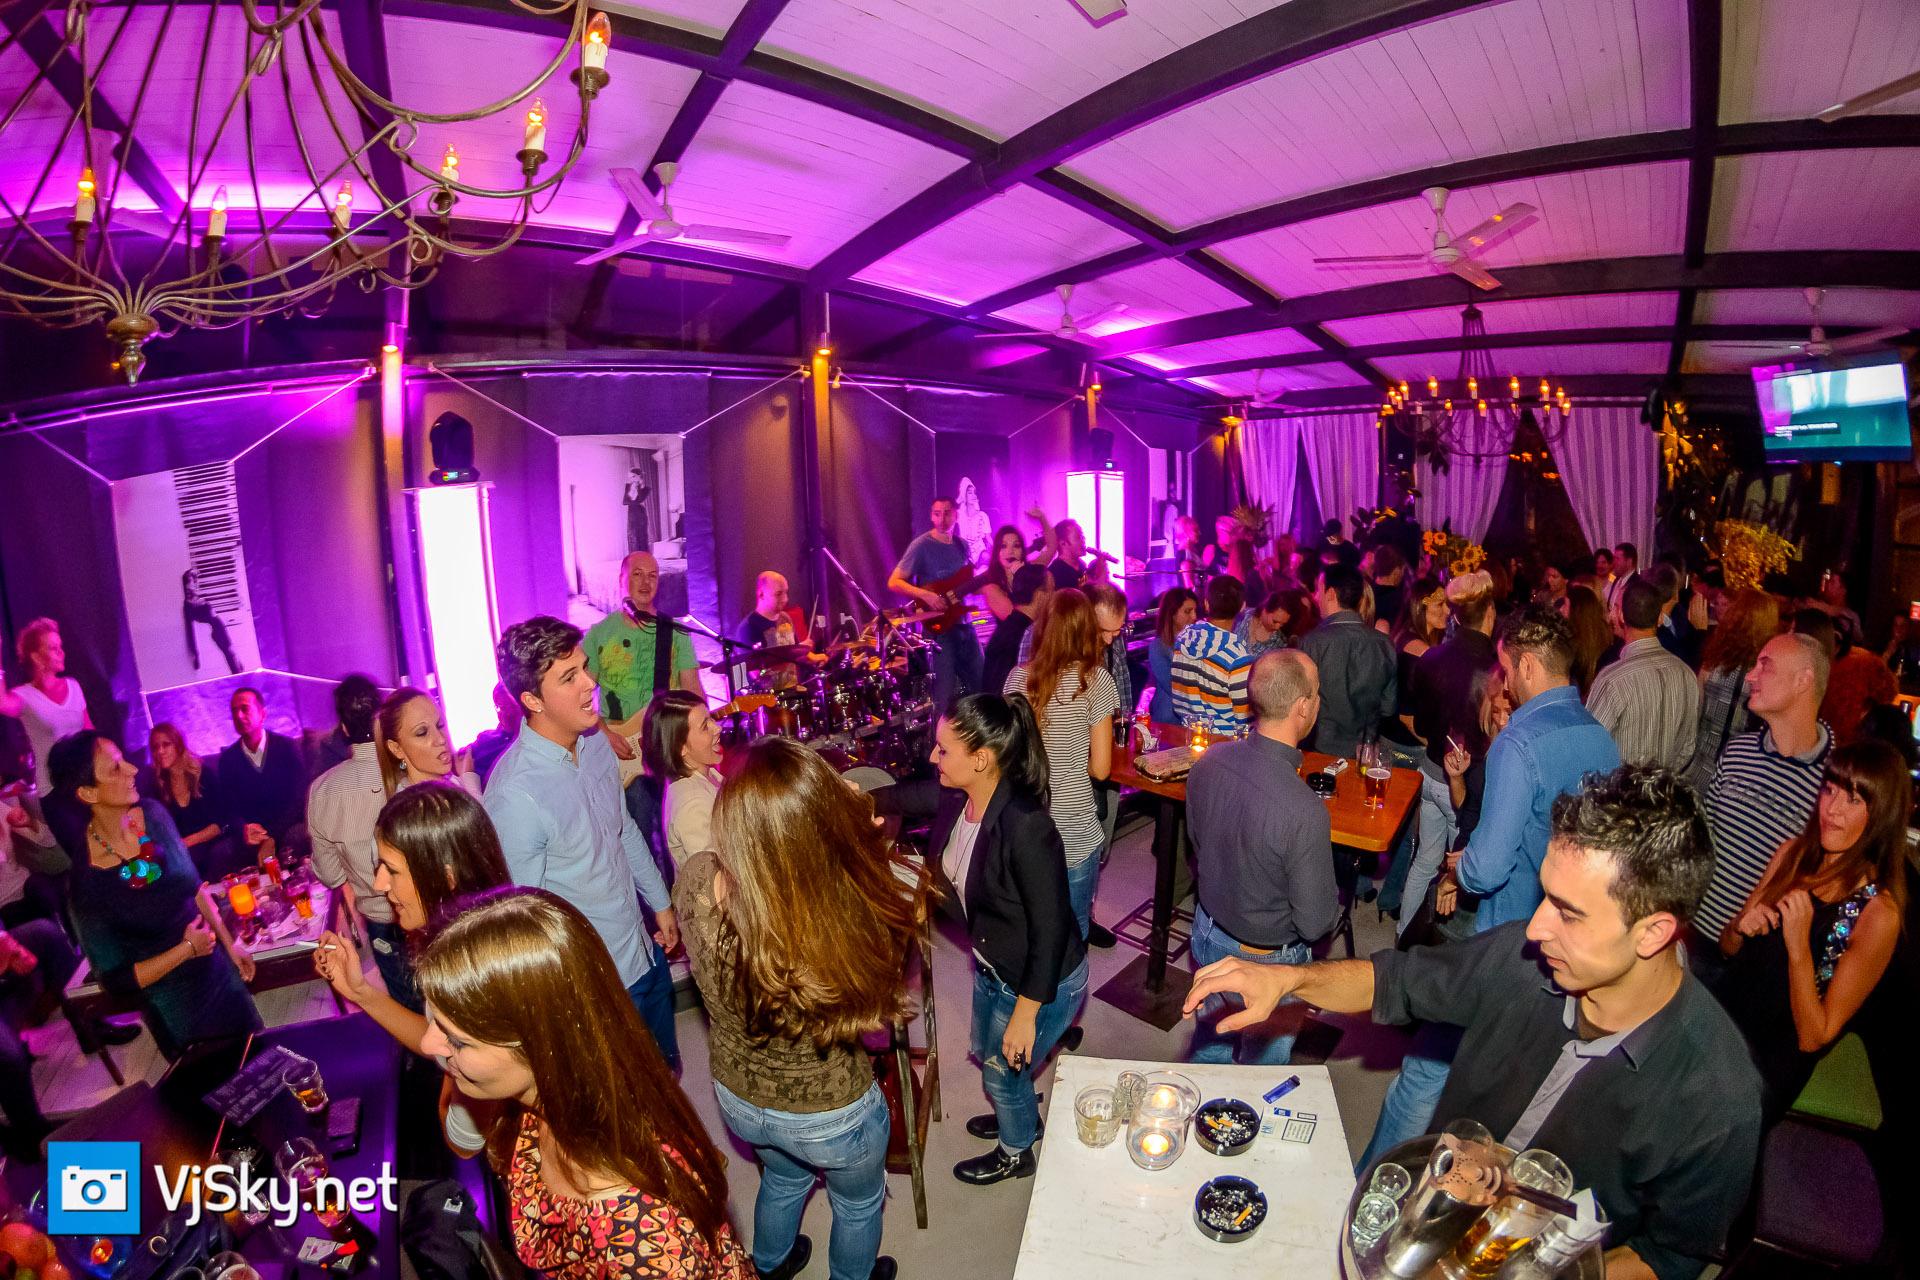 vjsky net informbiro winter lounge otvaranje sezone 22 10 2014 012 Foto izveštaj: Otvaranje nove sezone u Informbirou